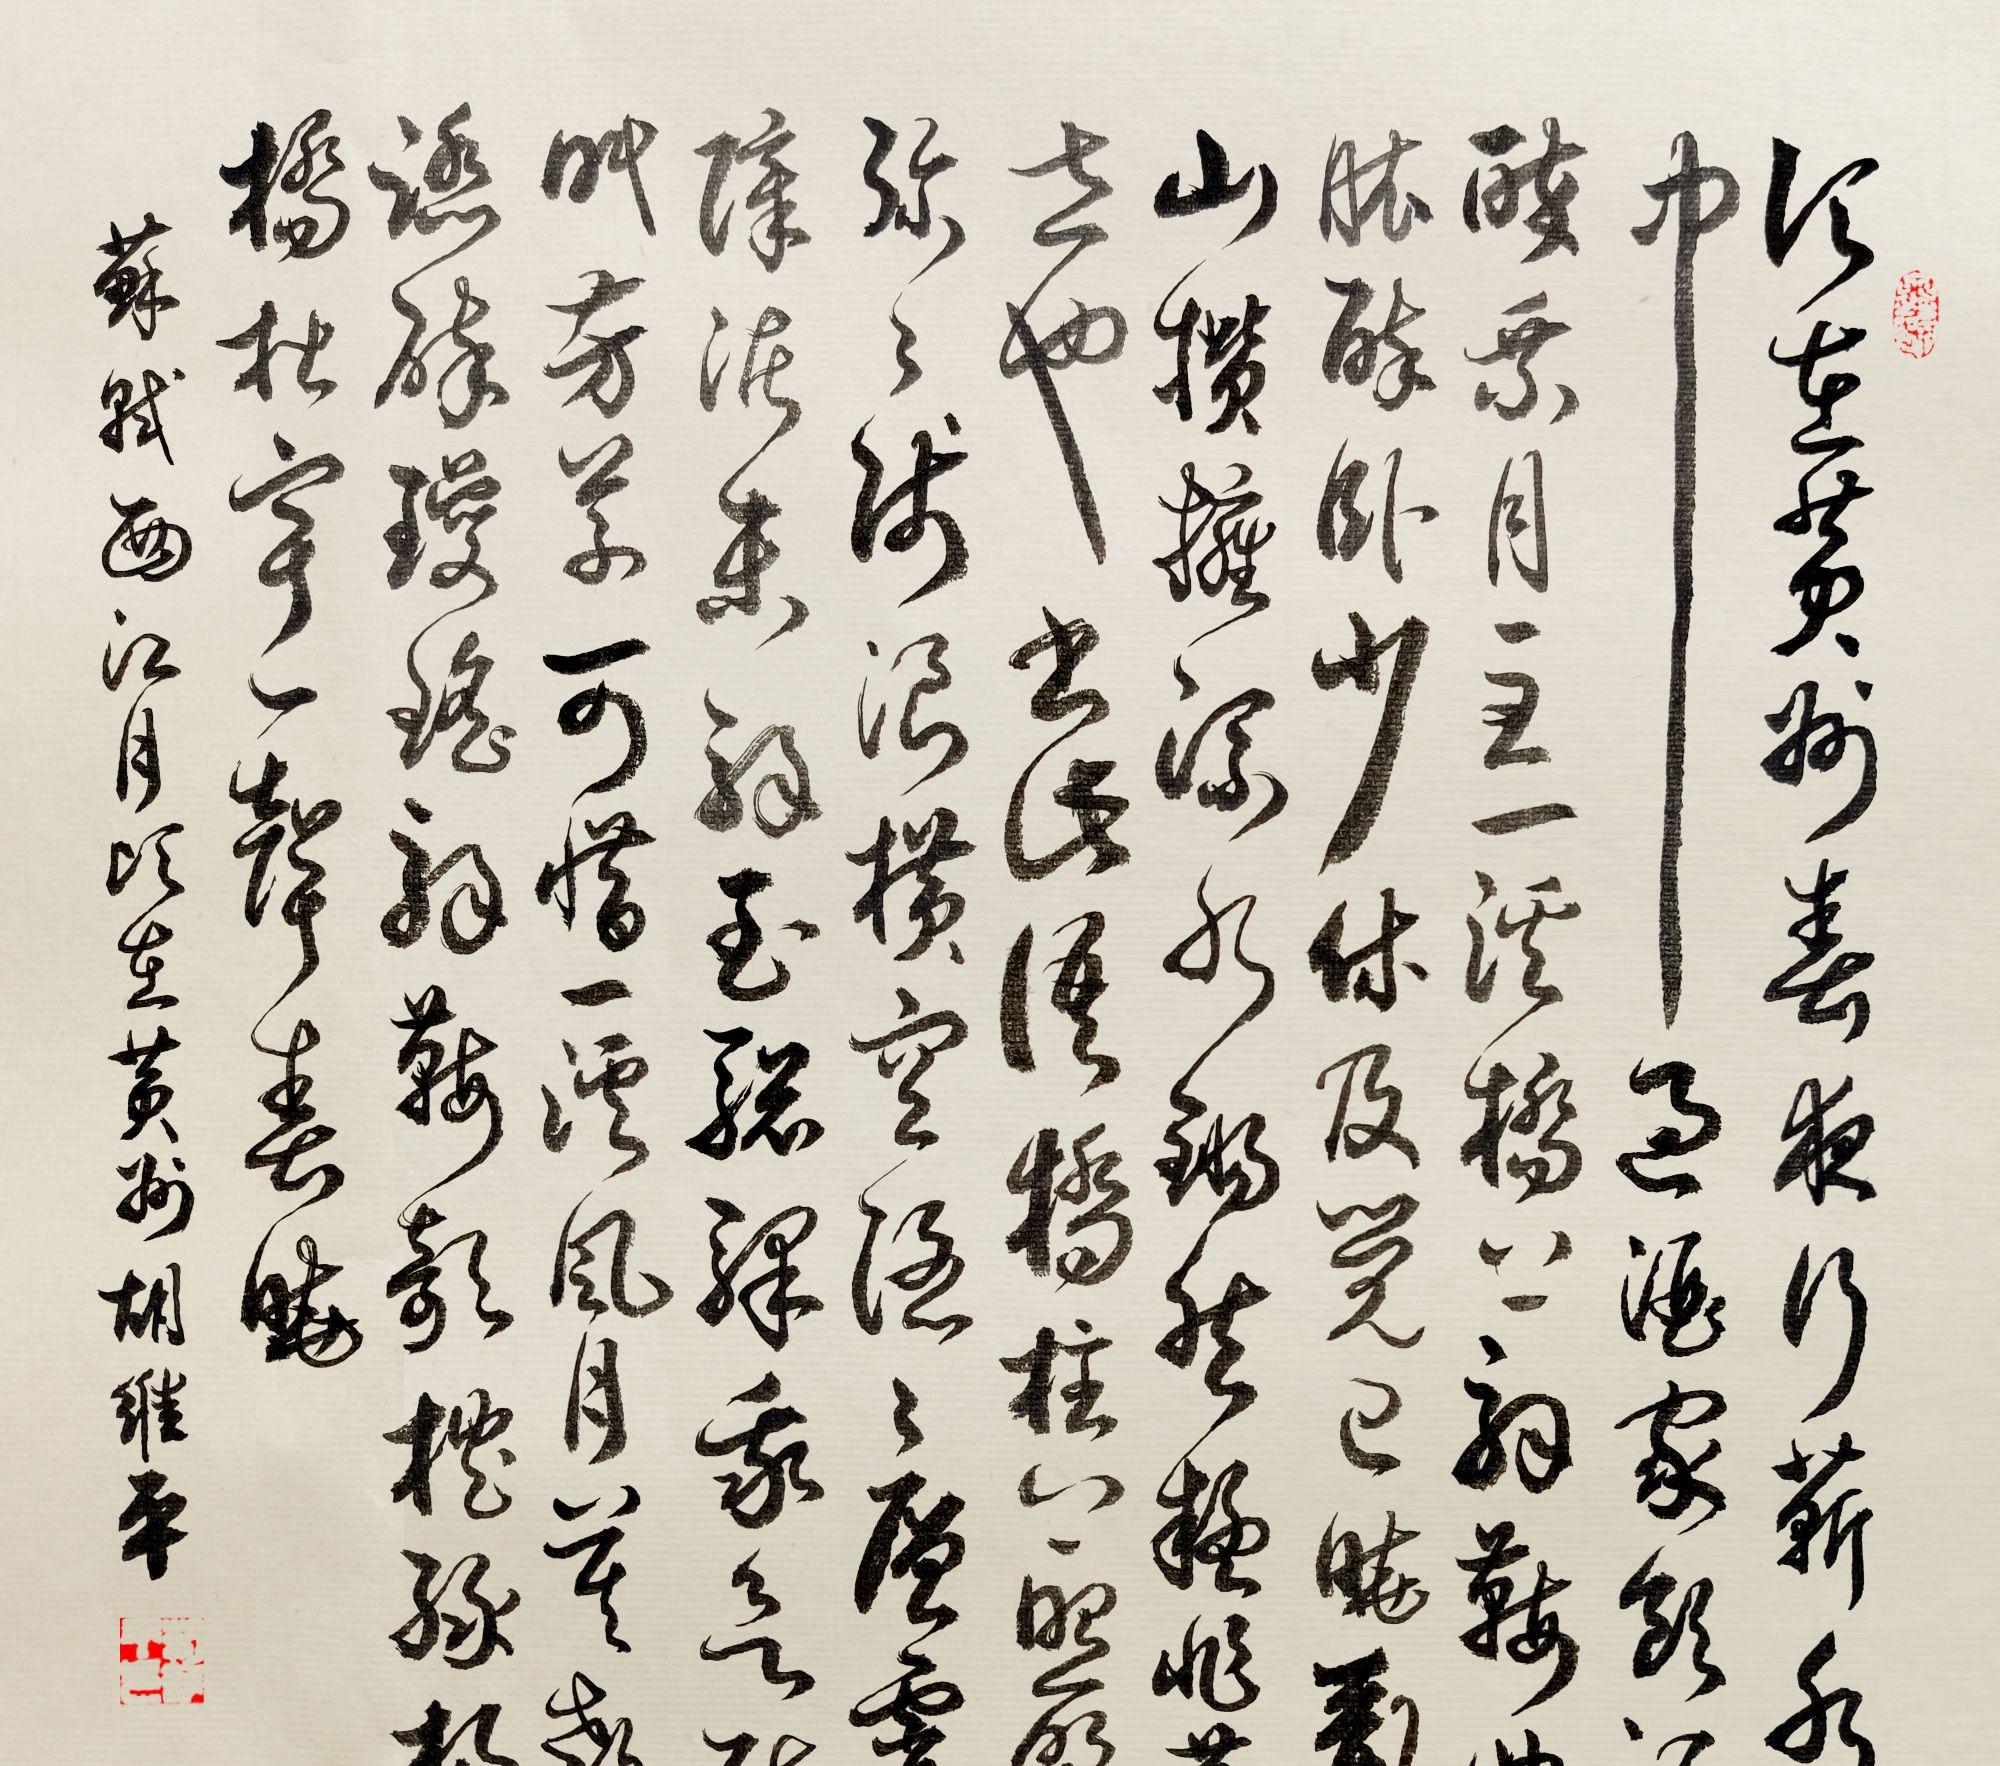 当代书法名家胡维平草书 苏轼《西江月 顷在黄州》